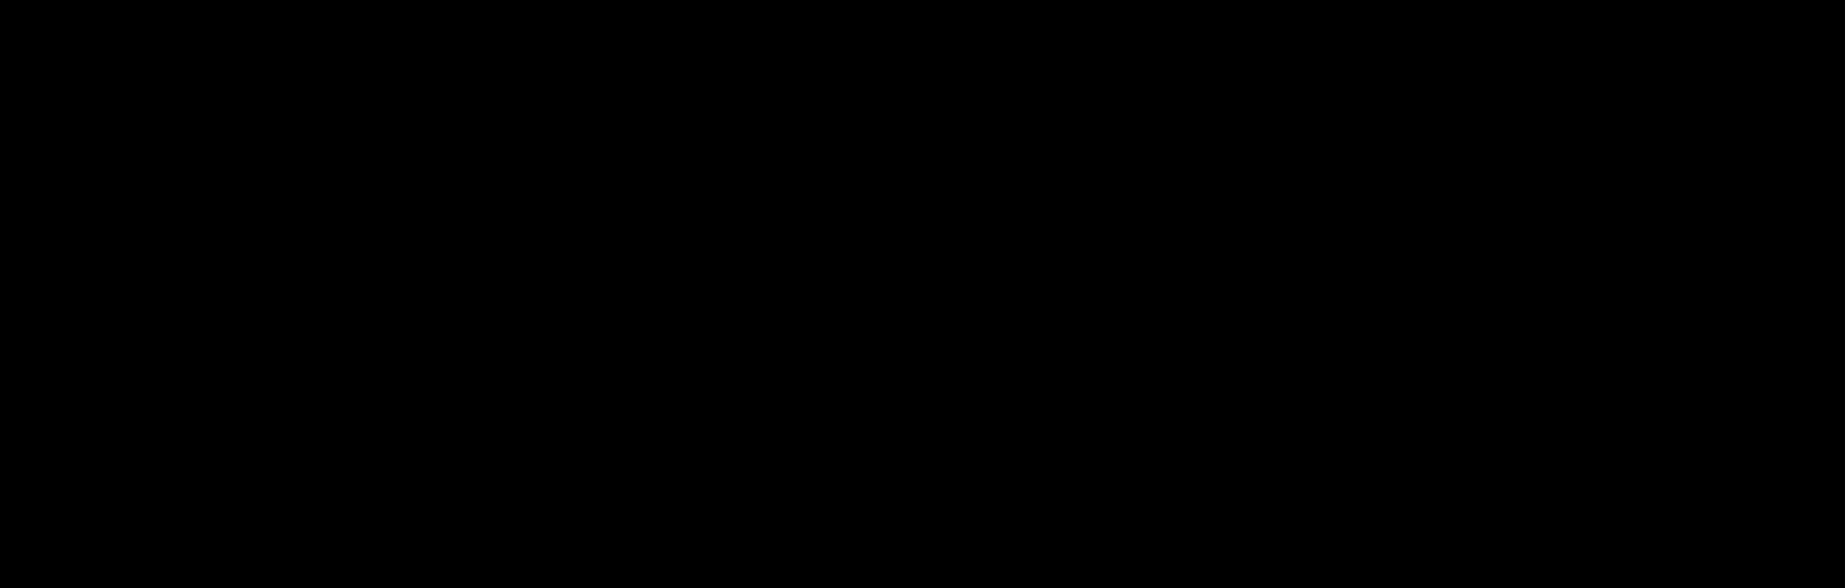 Amisulpride EP impurity G